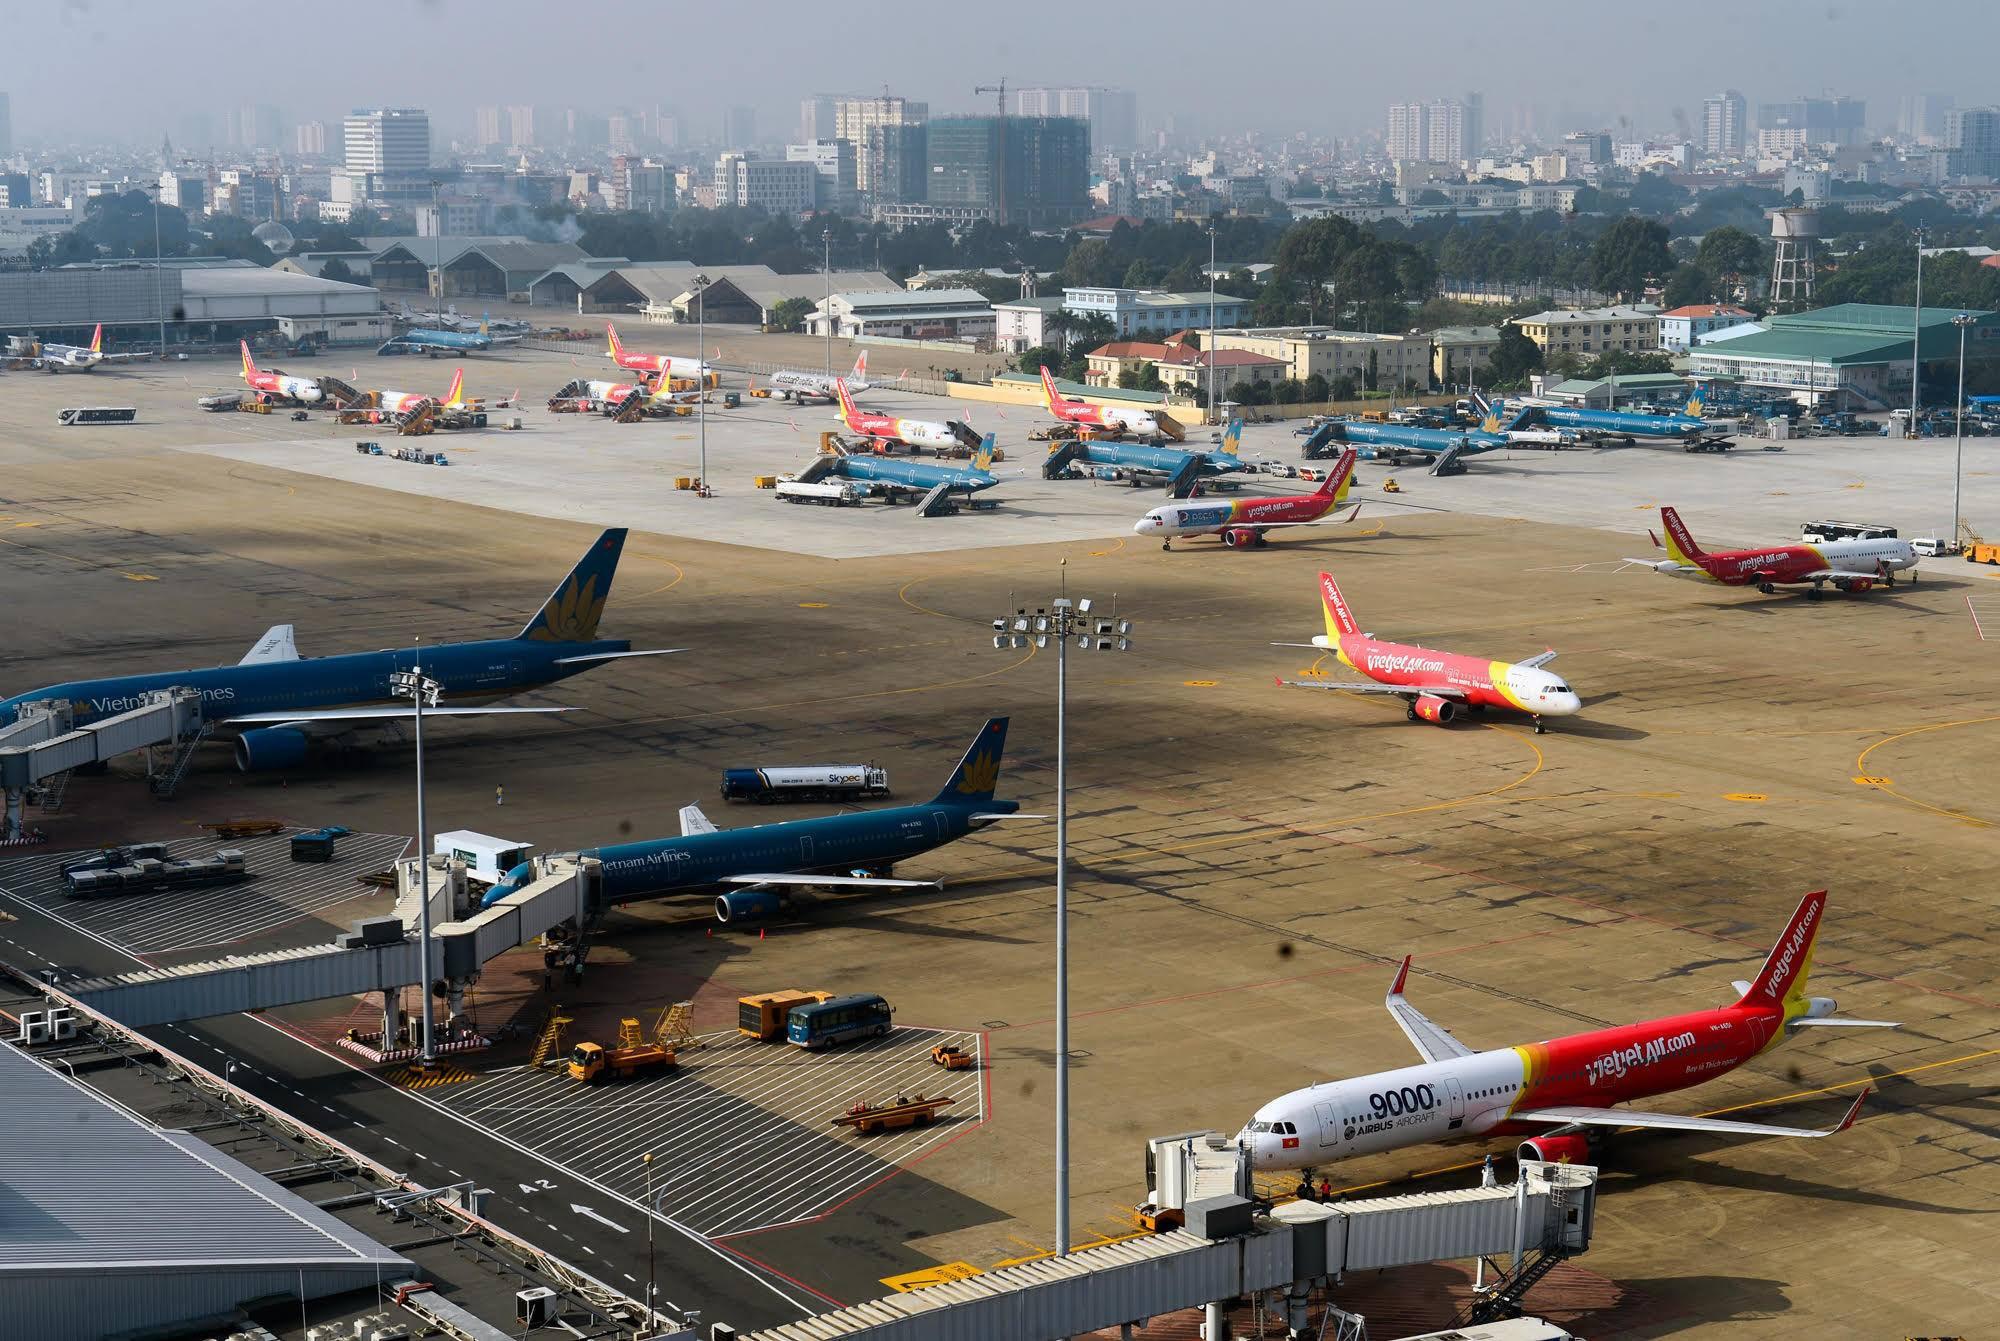 Thị phần 5 hãng hàng không Việt Nam đang nắm giữ thế nào? - Ảnh 1.